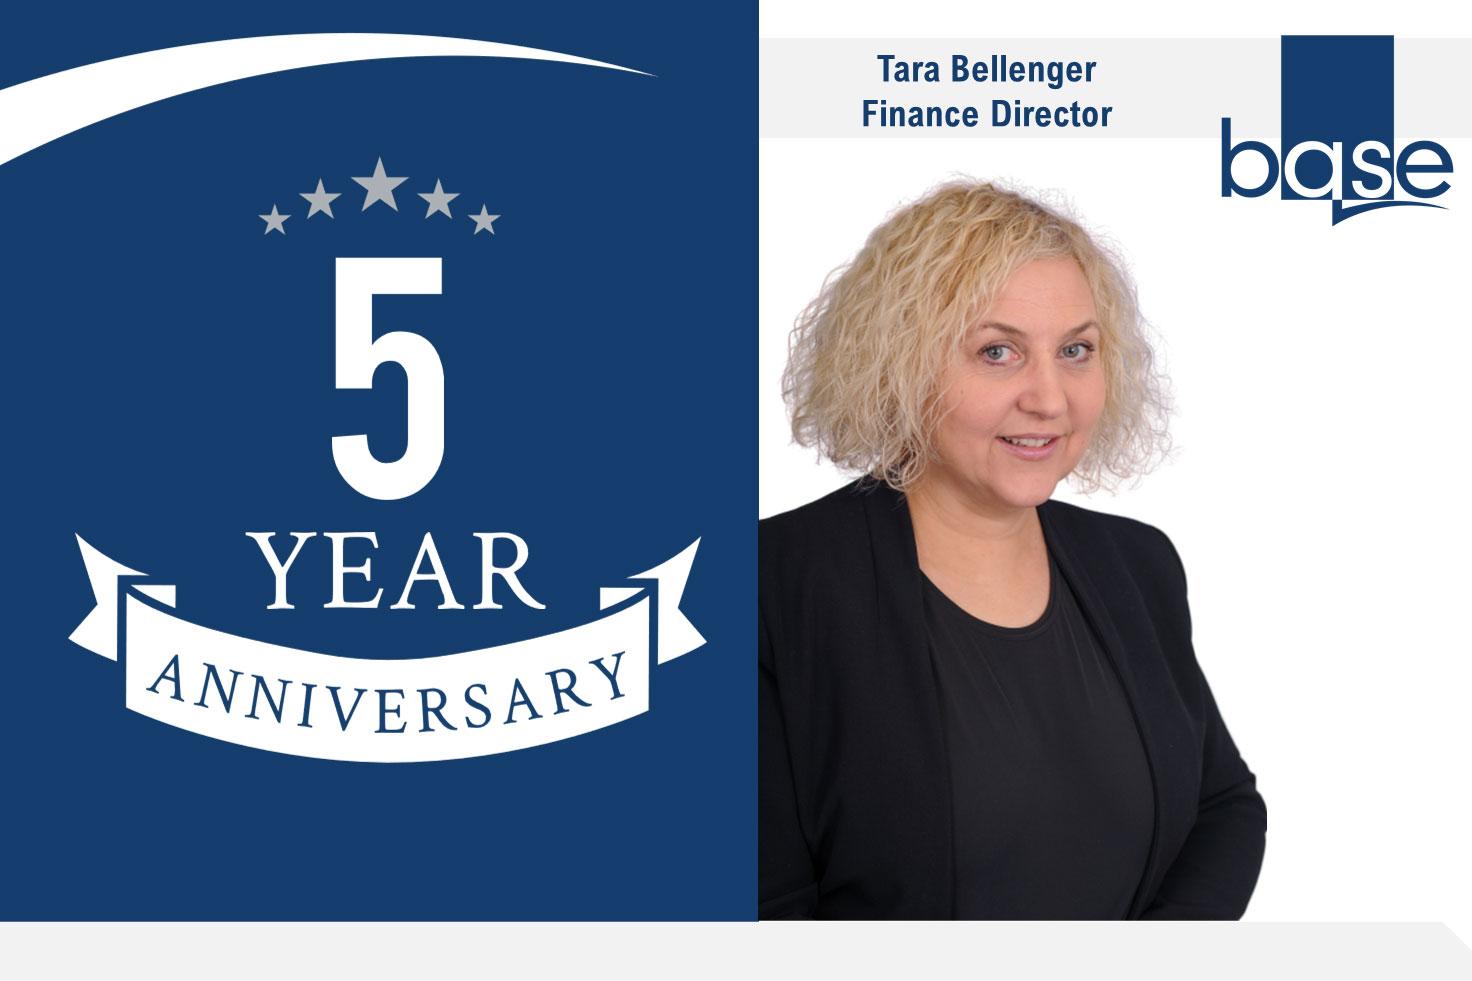 Tara Bellenger celebrates 5 years at Base